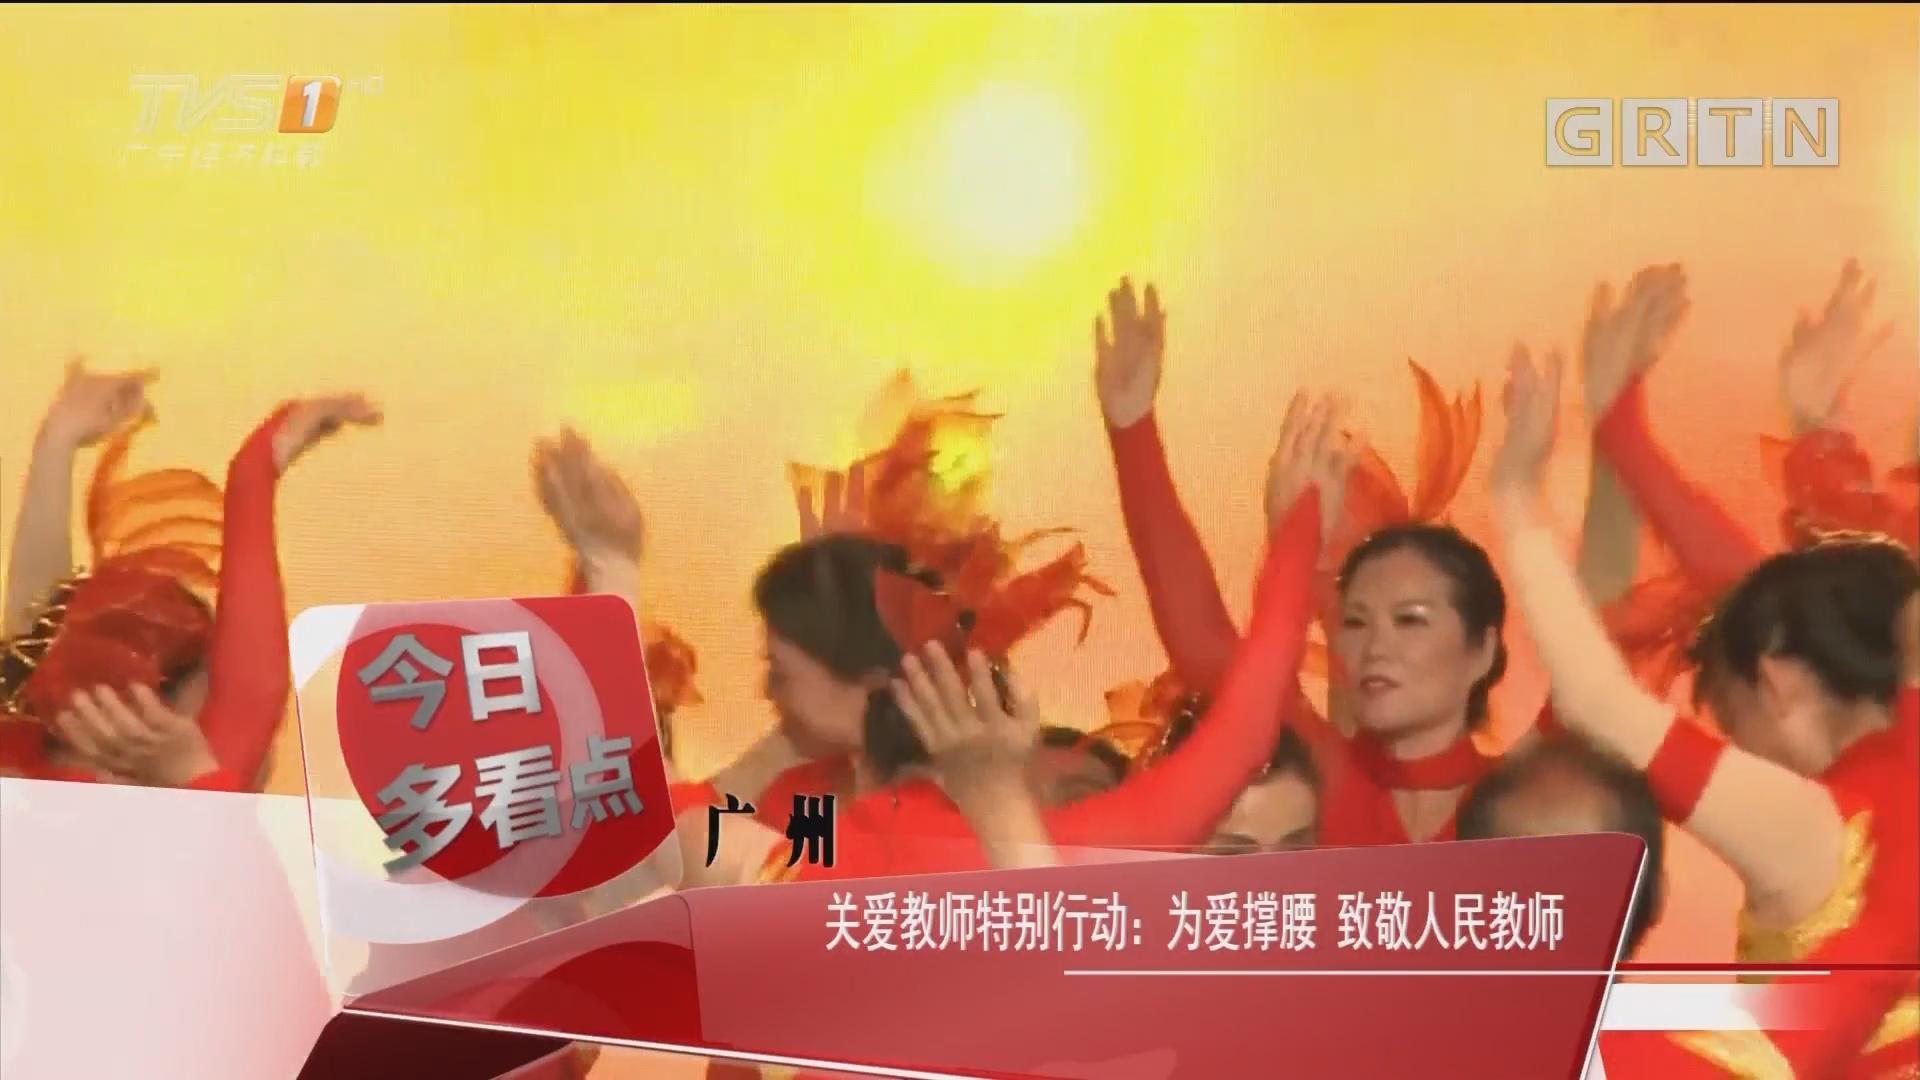 广州:关爱教师特别行动:为爱撑腰 致敬人民教师